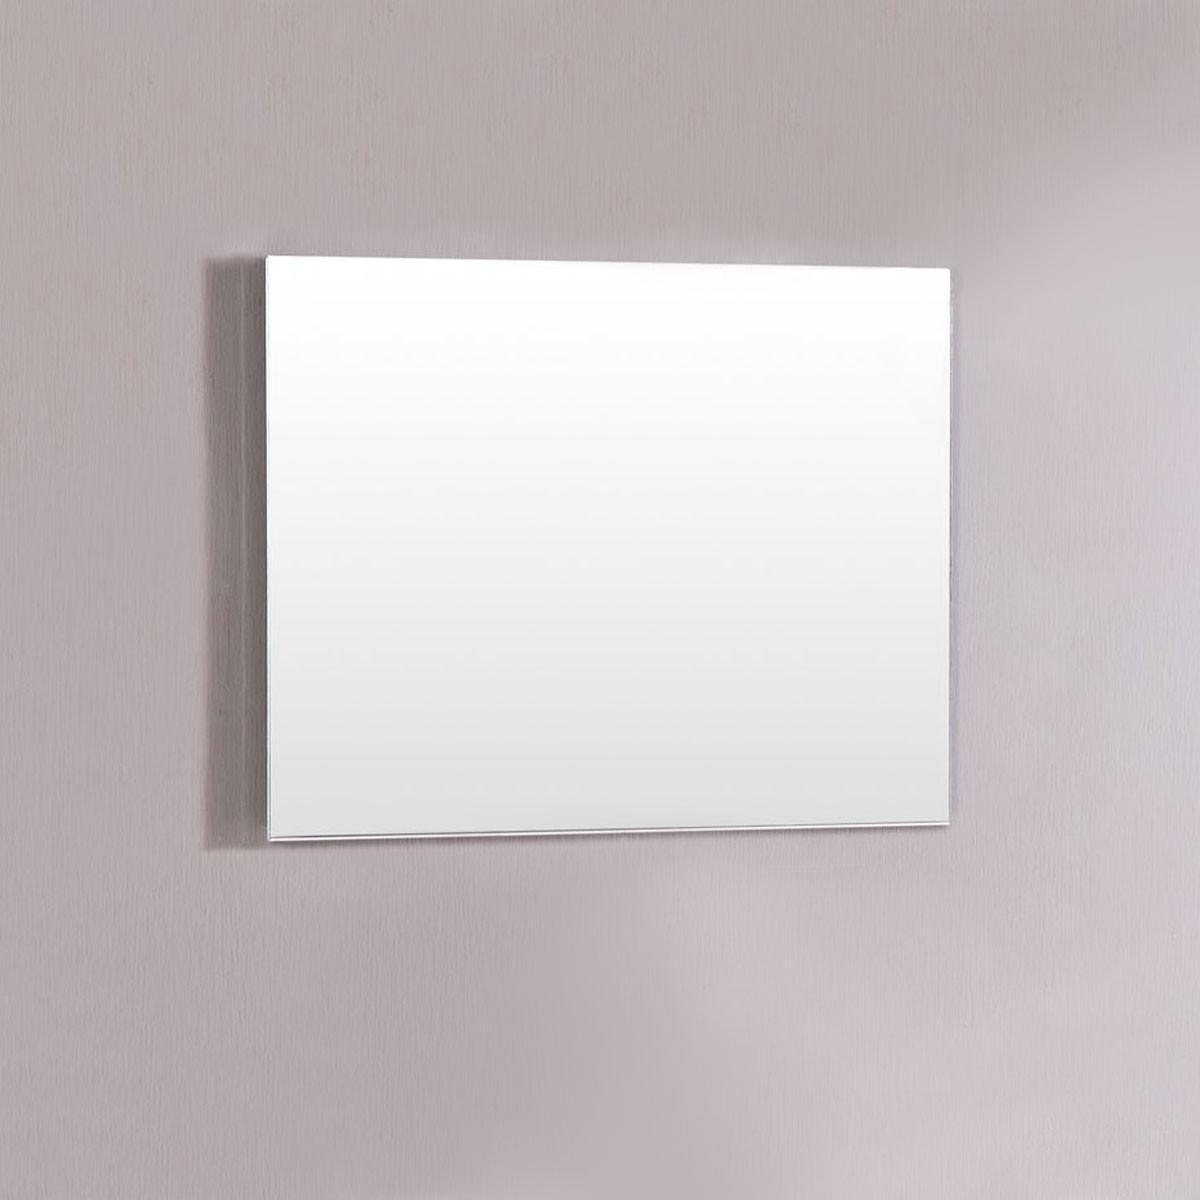 30 x 40 In. Bathroom Vanity Mirror (DK